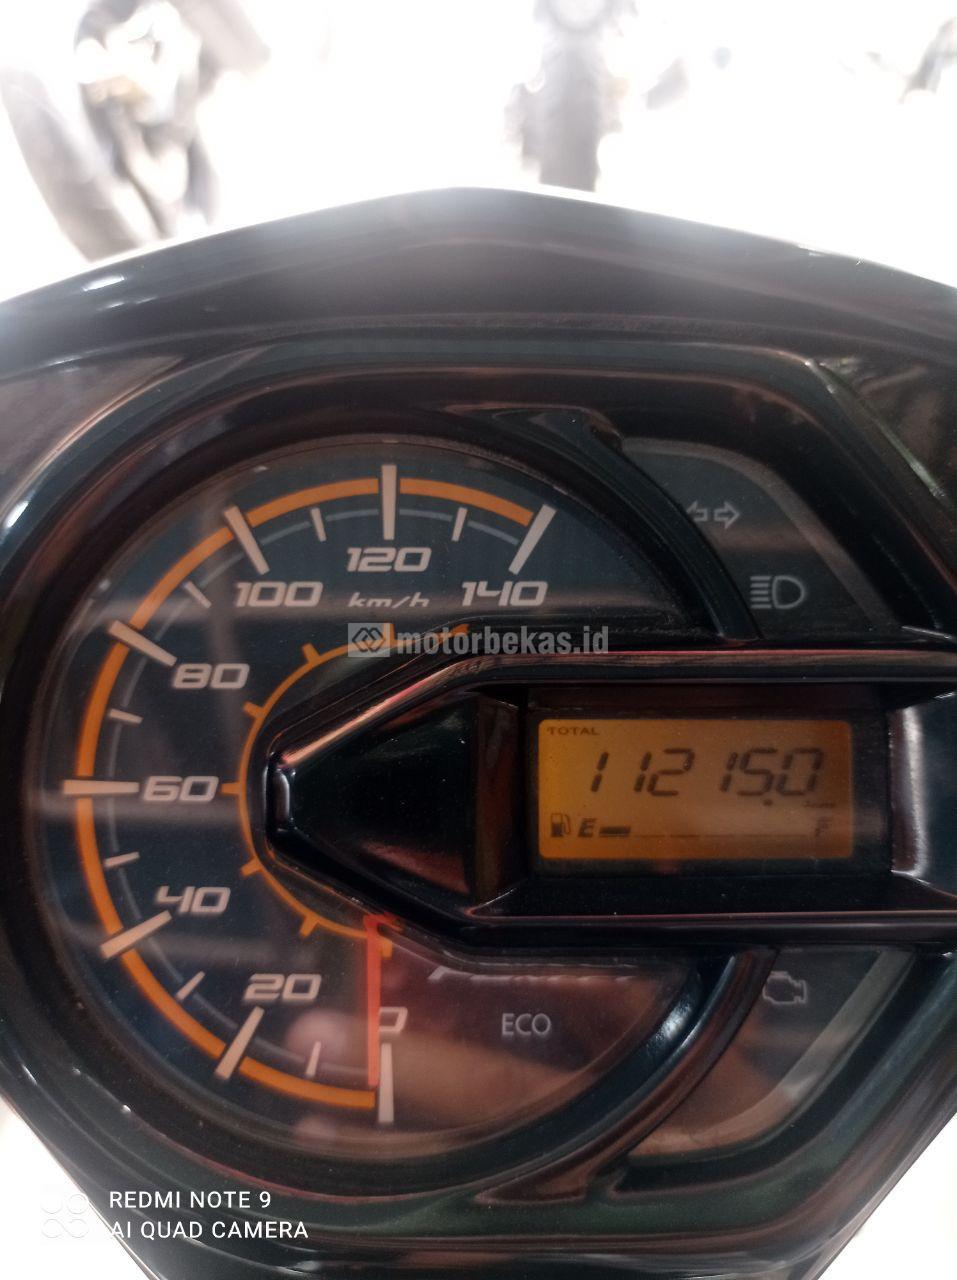 HONDA BEAT  2794 motorbekas.id